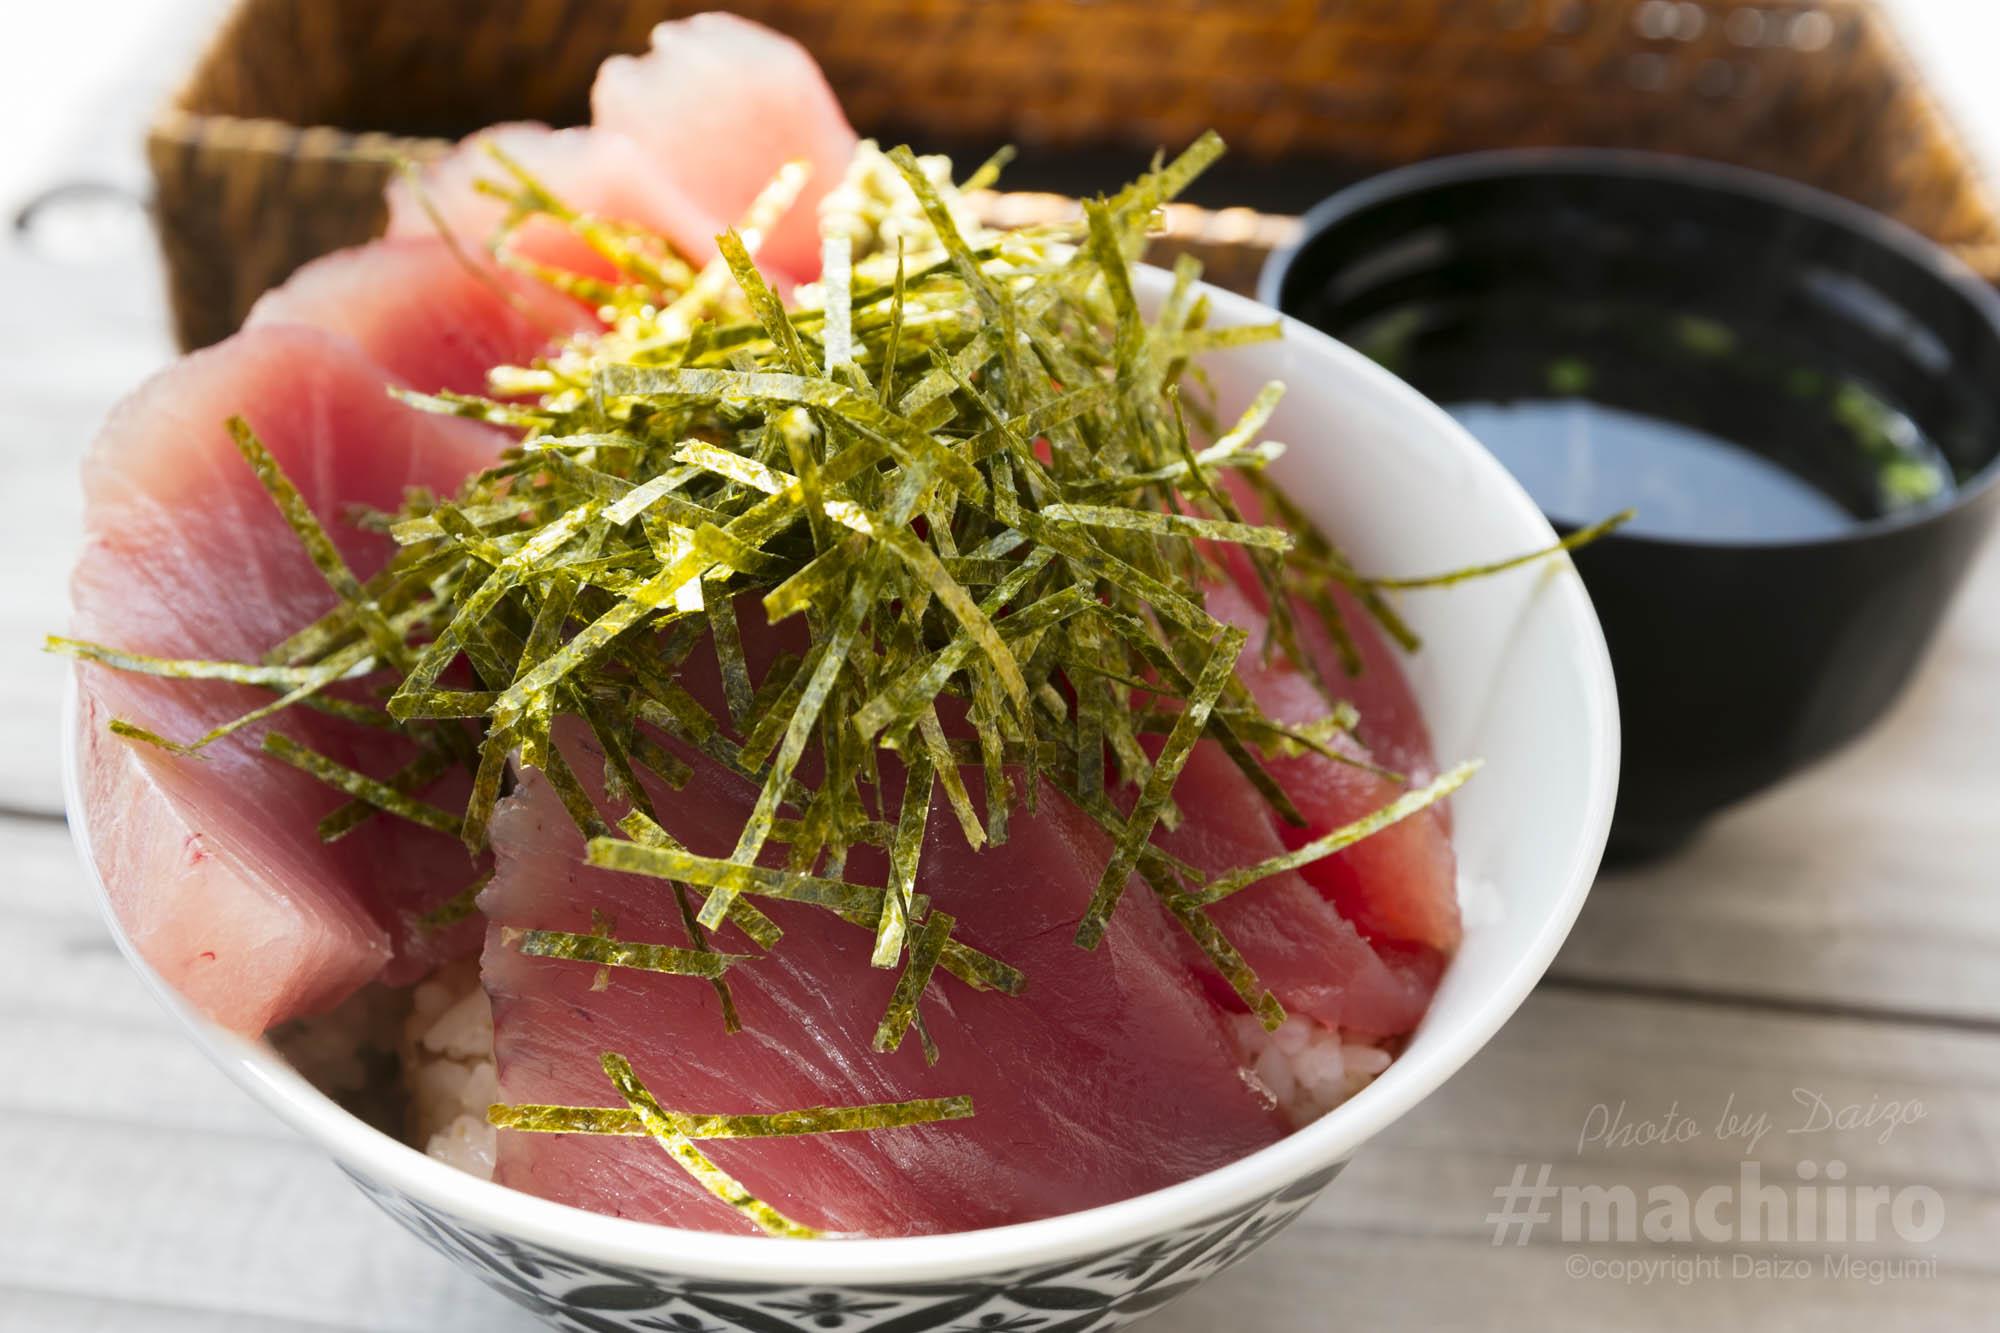 漁船直送の新鮮すぎるカツオとシビが美味、鰹の家housei